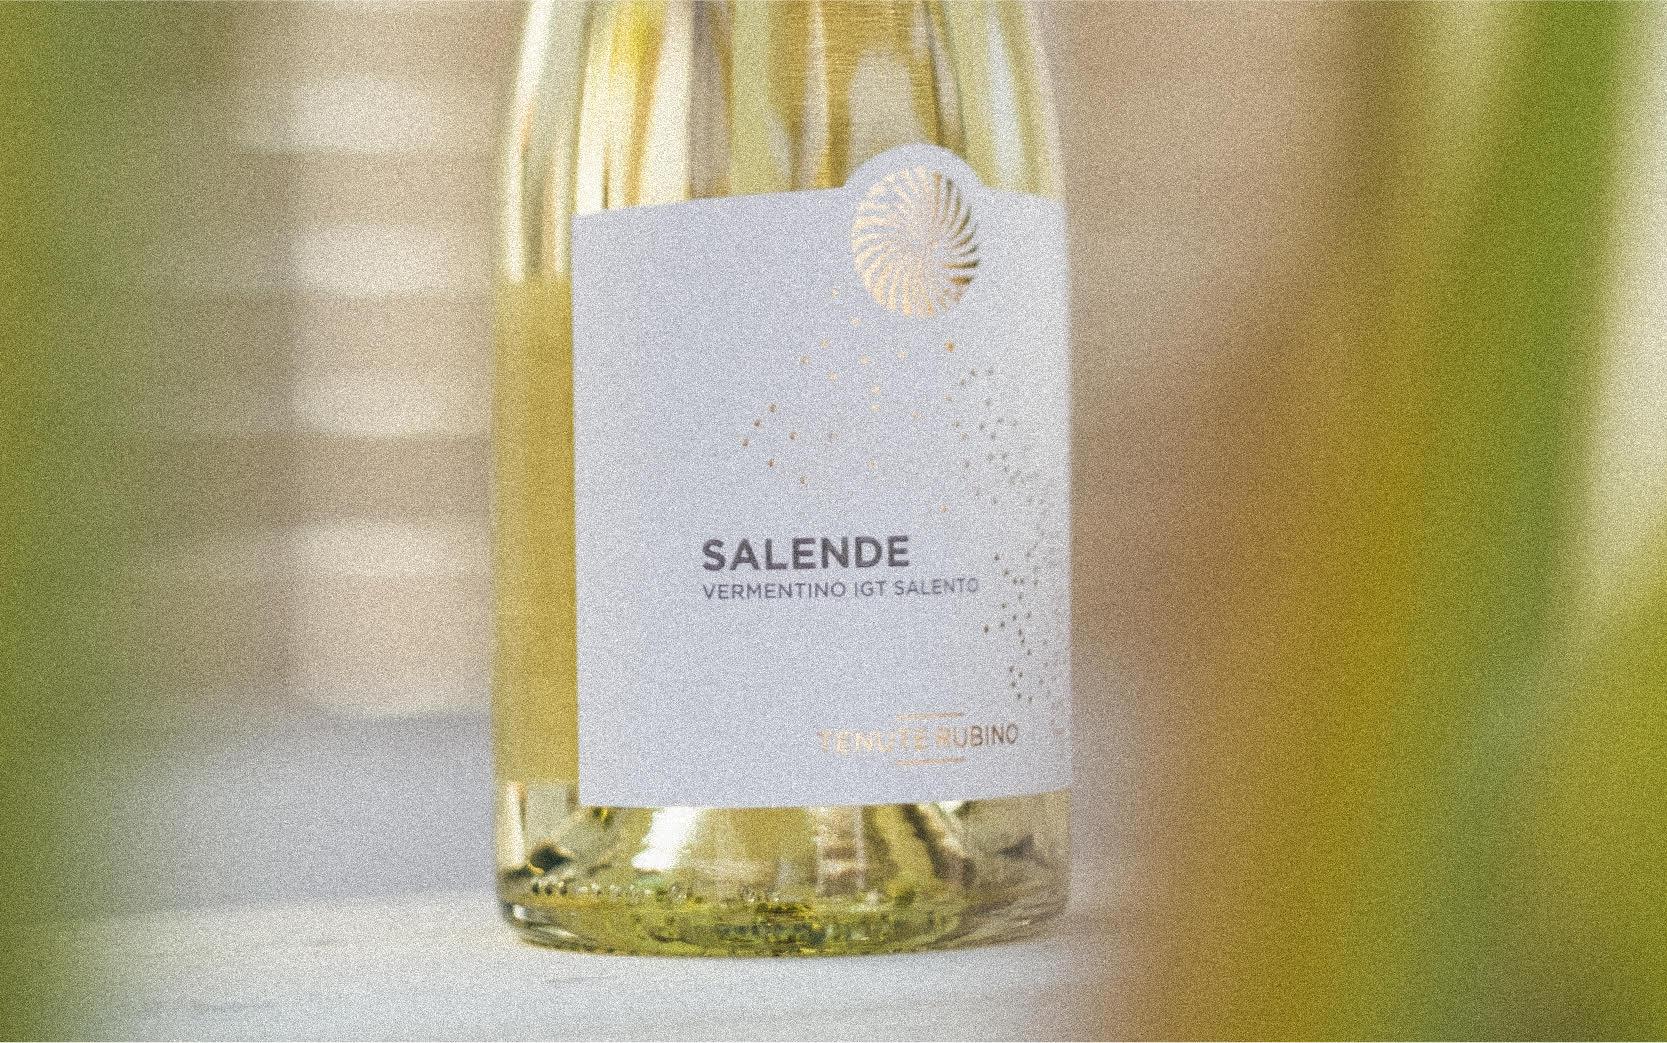 Salende 2019 - Tenute Rubino | I vini della Puglia